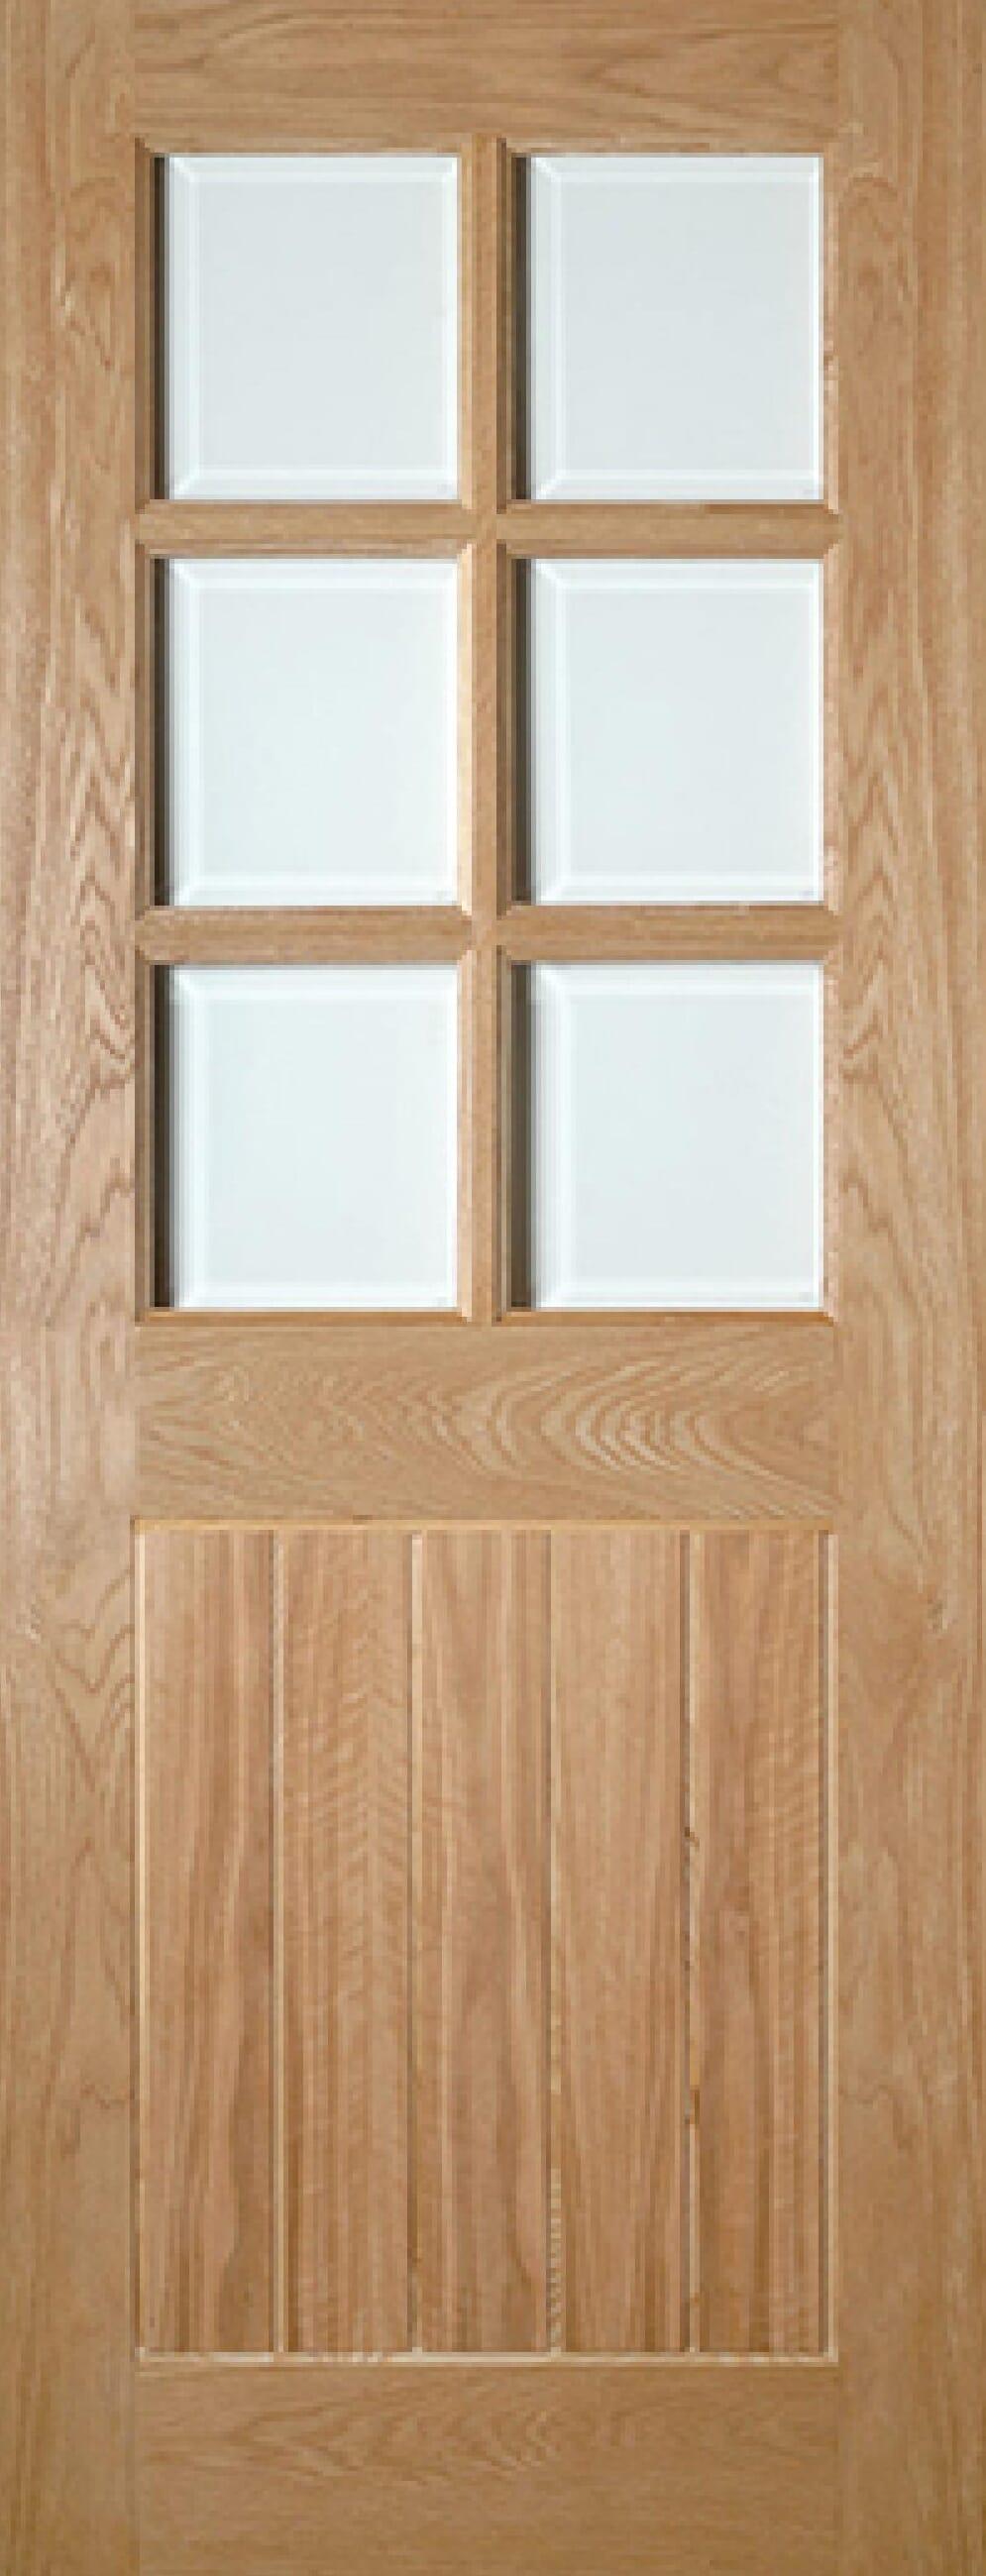 Ely Glazed Oak - Prefinished Image